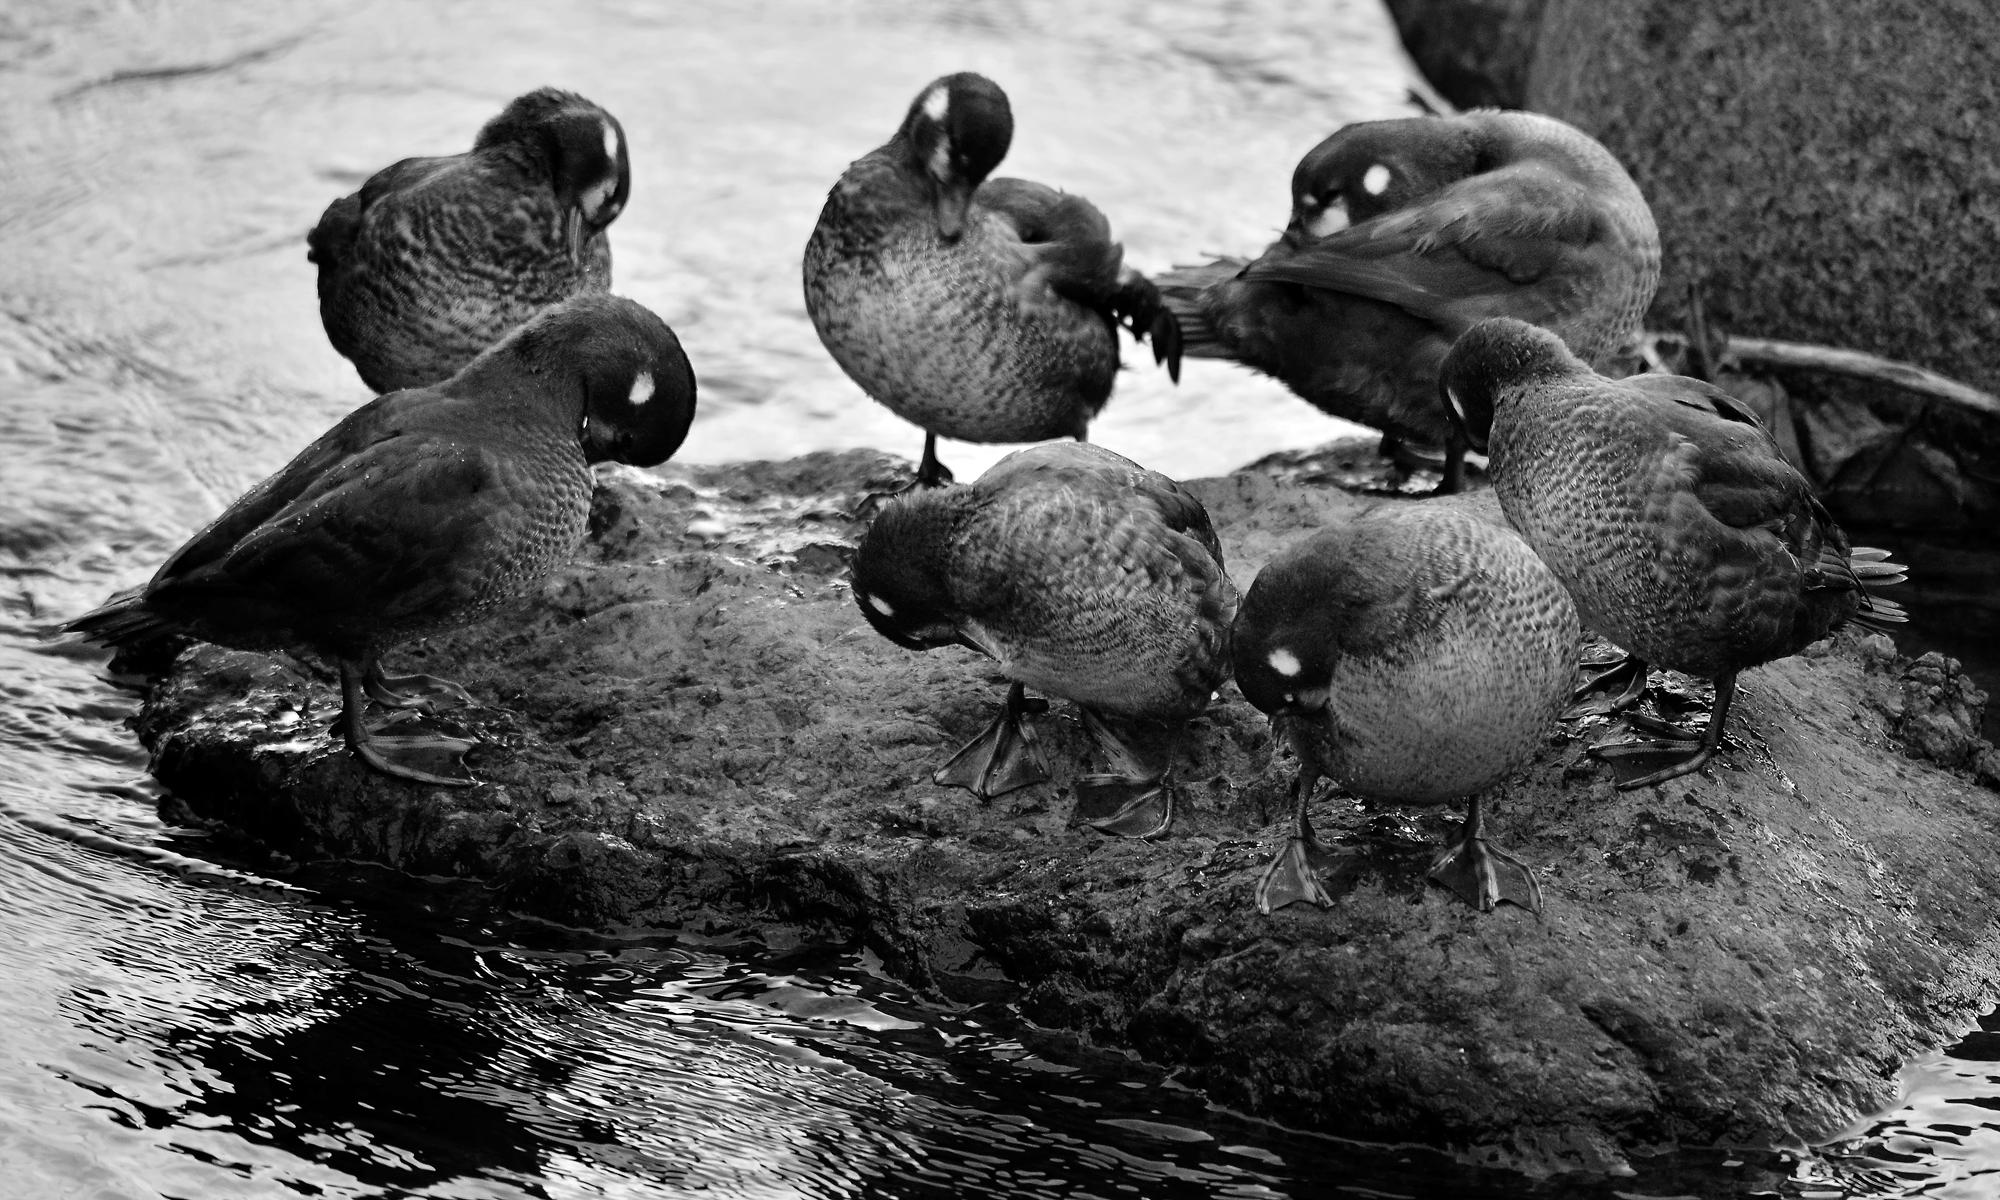 岩に上がると、全羽が一斉に毛ずくろいをする。もう一人前になれたかな